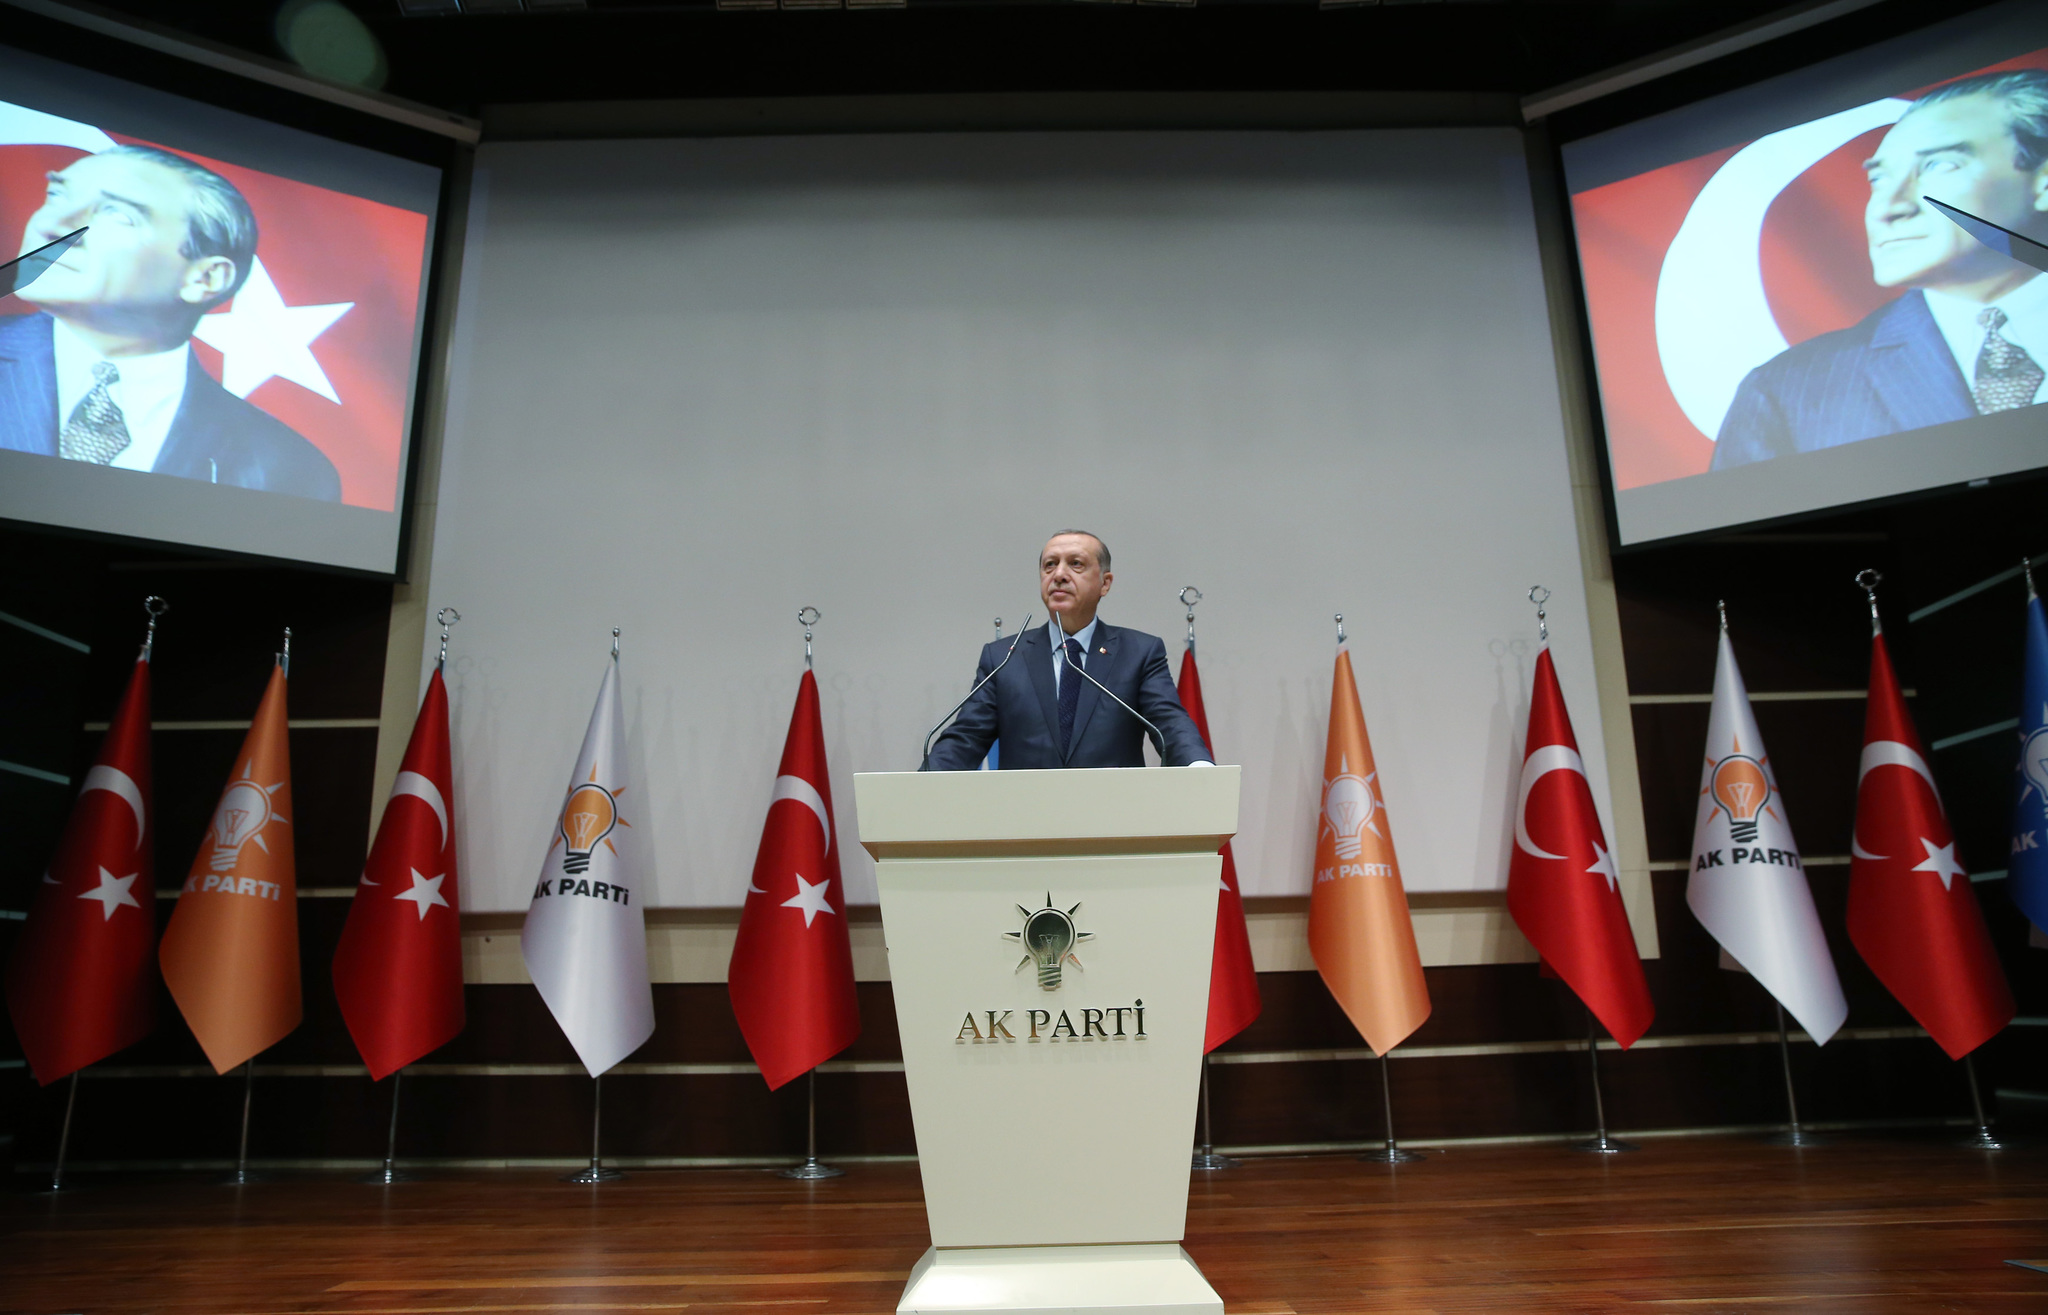 Türk Modeli ve Erdoğan tecrübesi